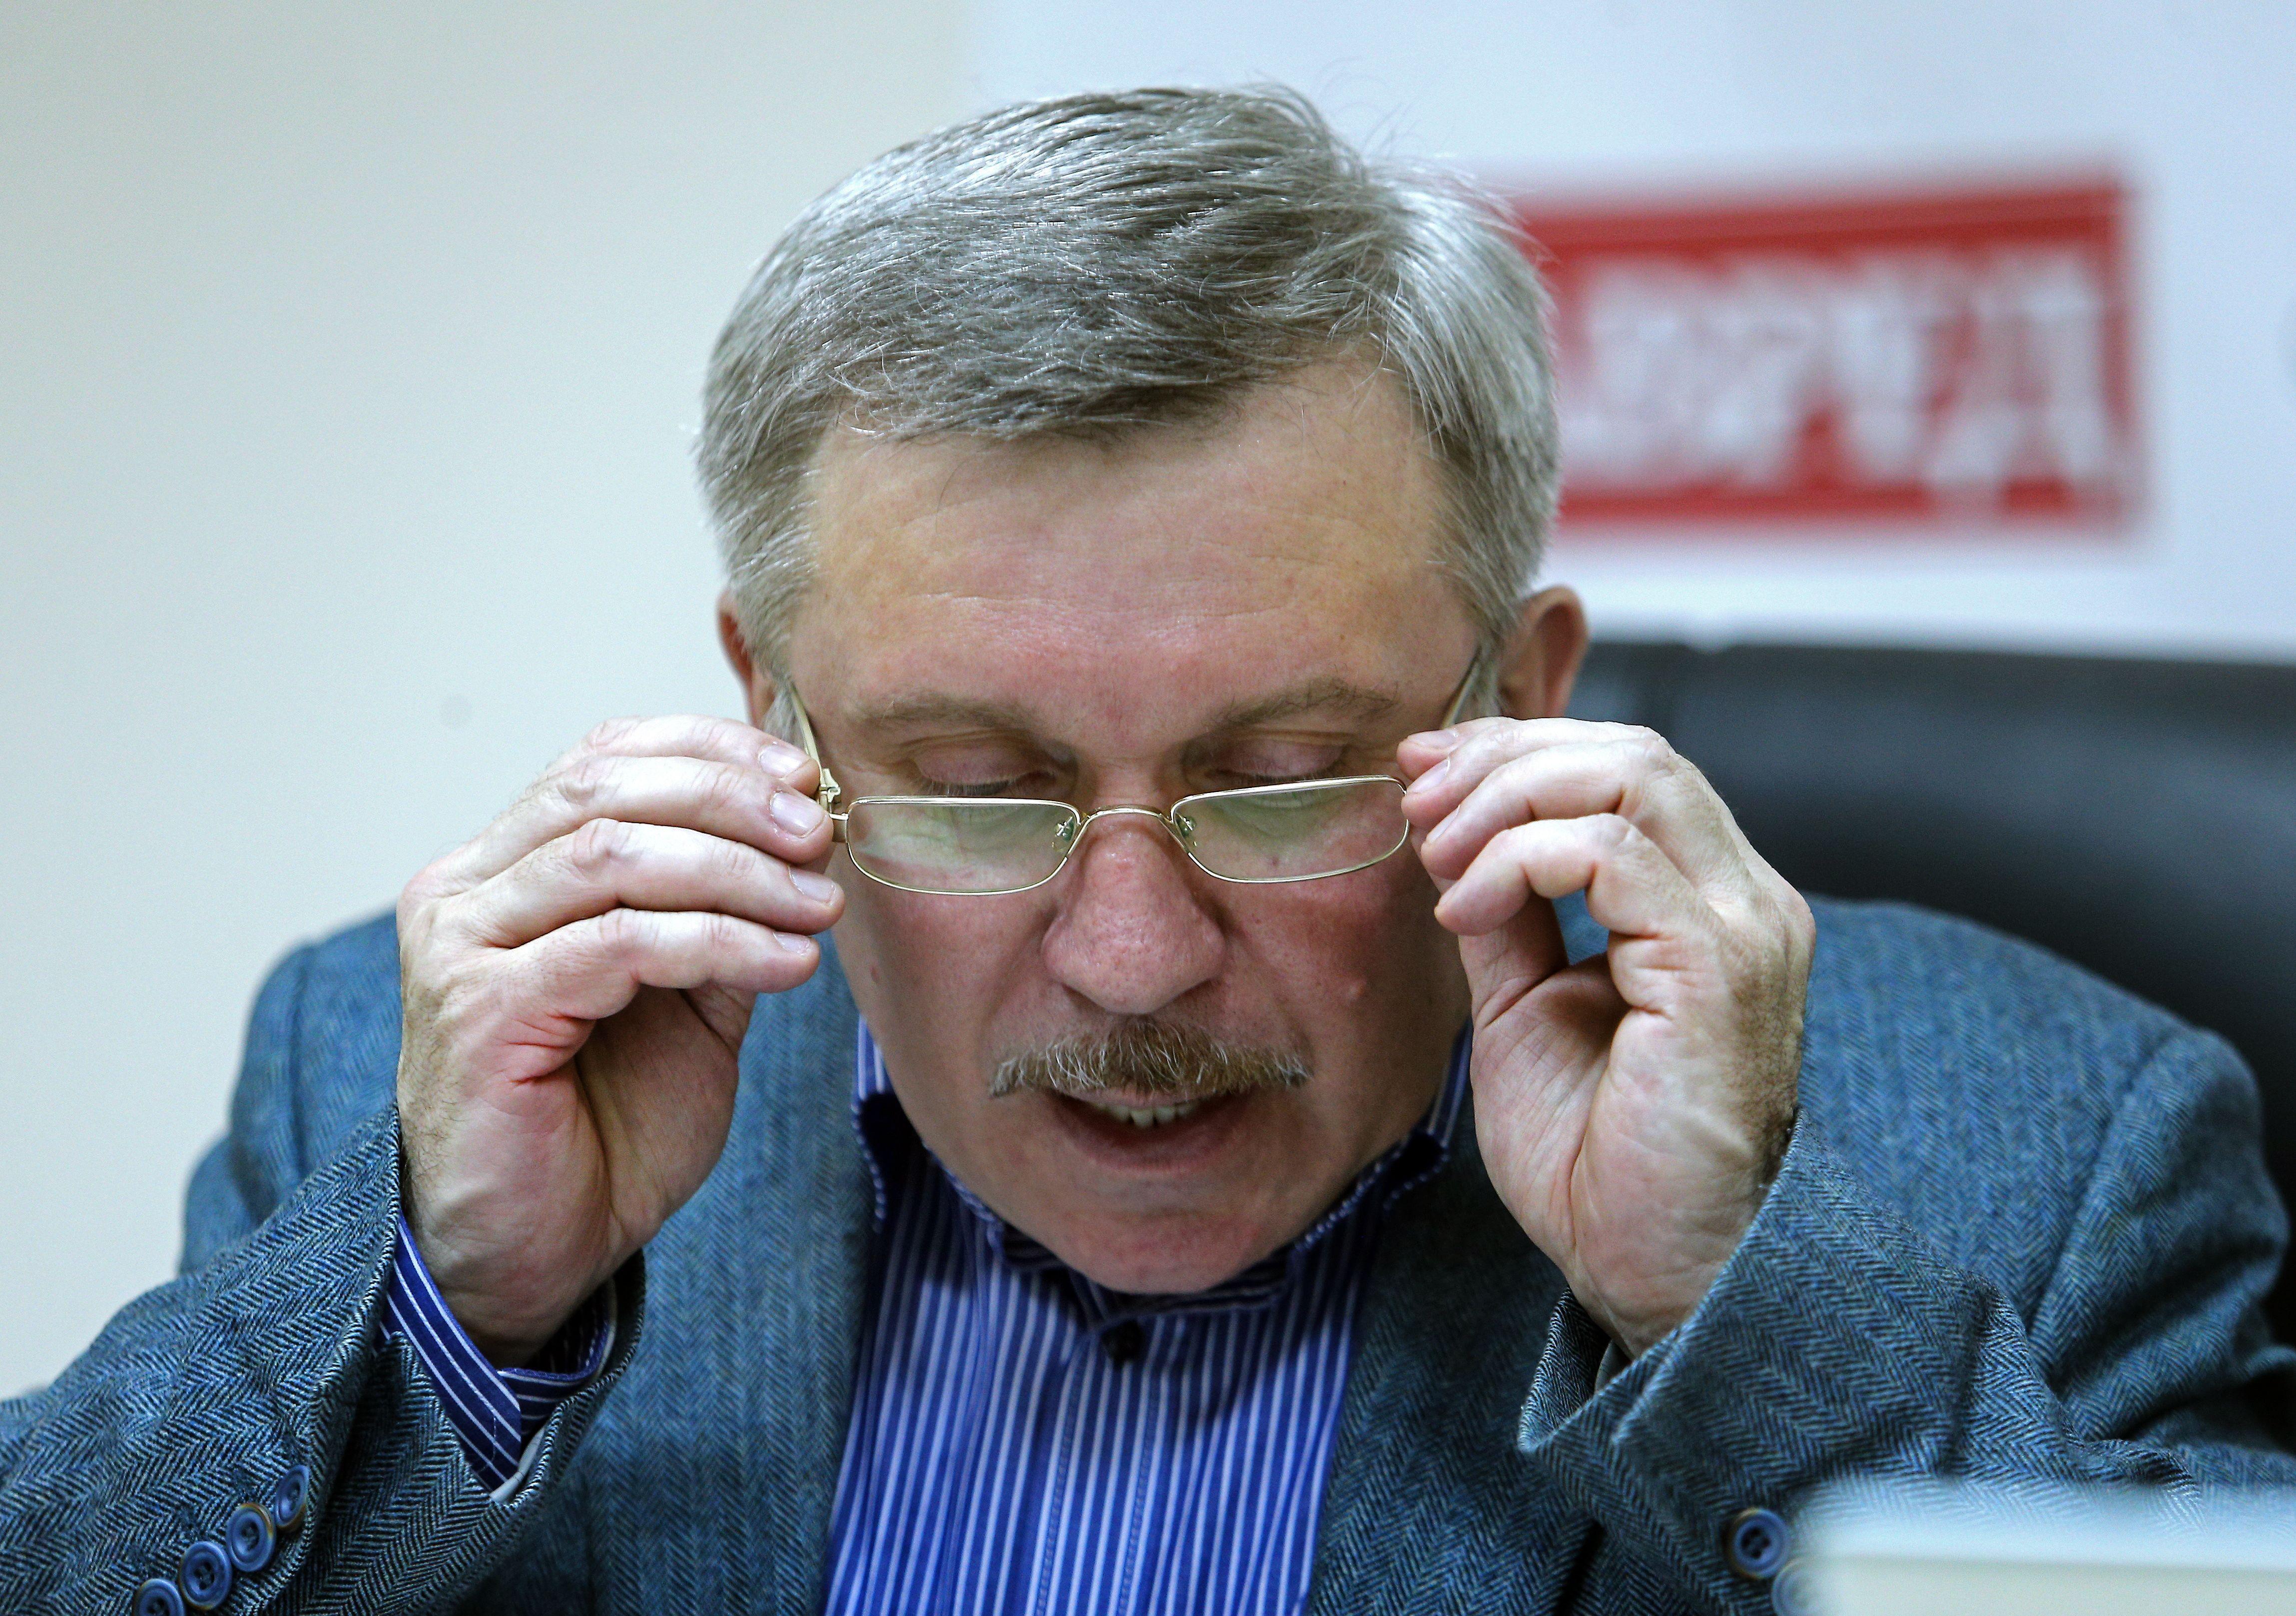 Власти Украины преимущественно охладели к судьбе политических пленников Кремля, обжегшись на Надежде Савченко, отметил эксперт